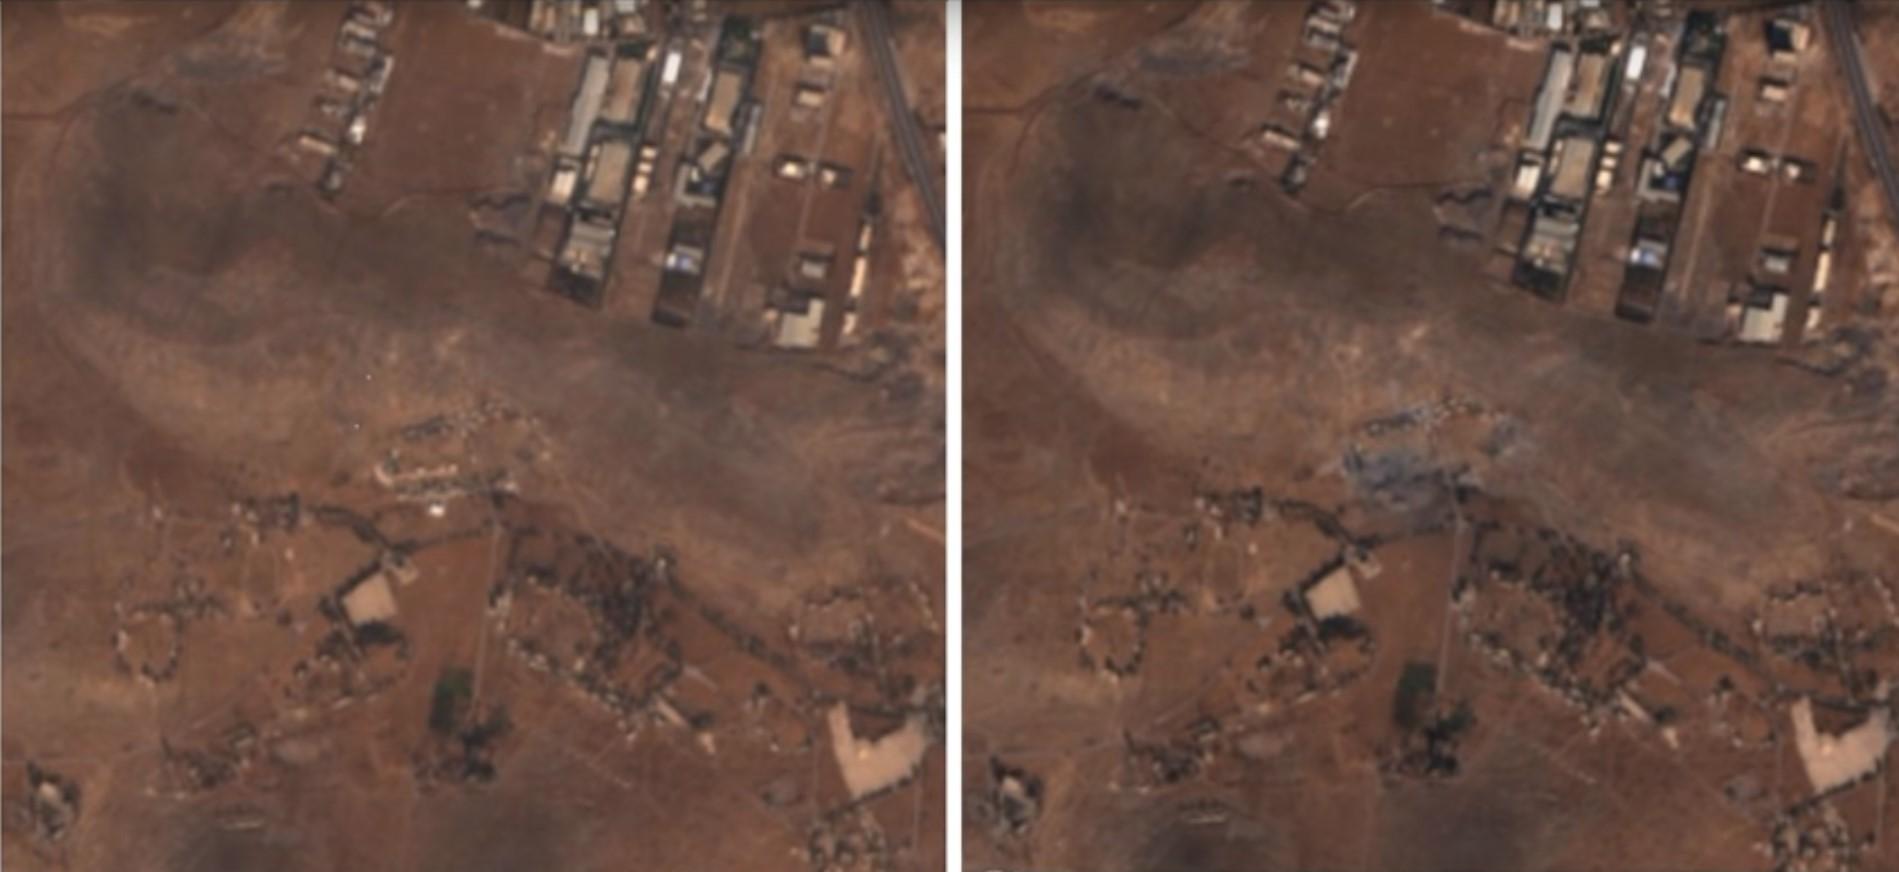 צפו: התקיפה בסוריה, בה מואשמת ישראל